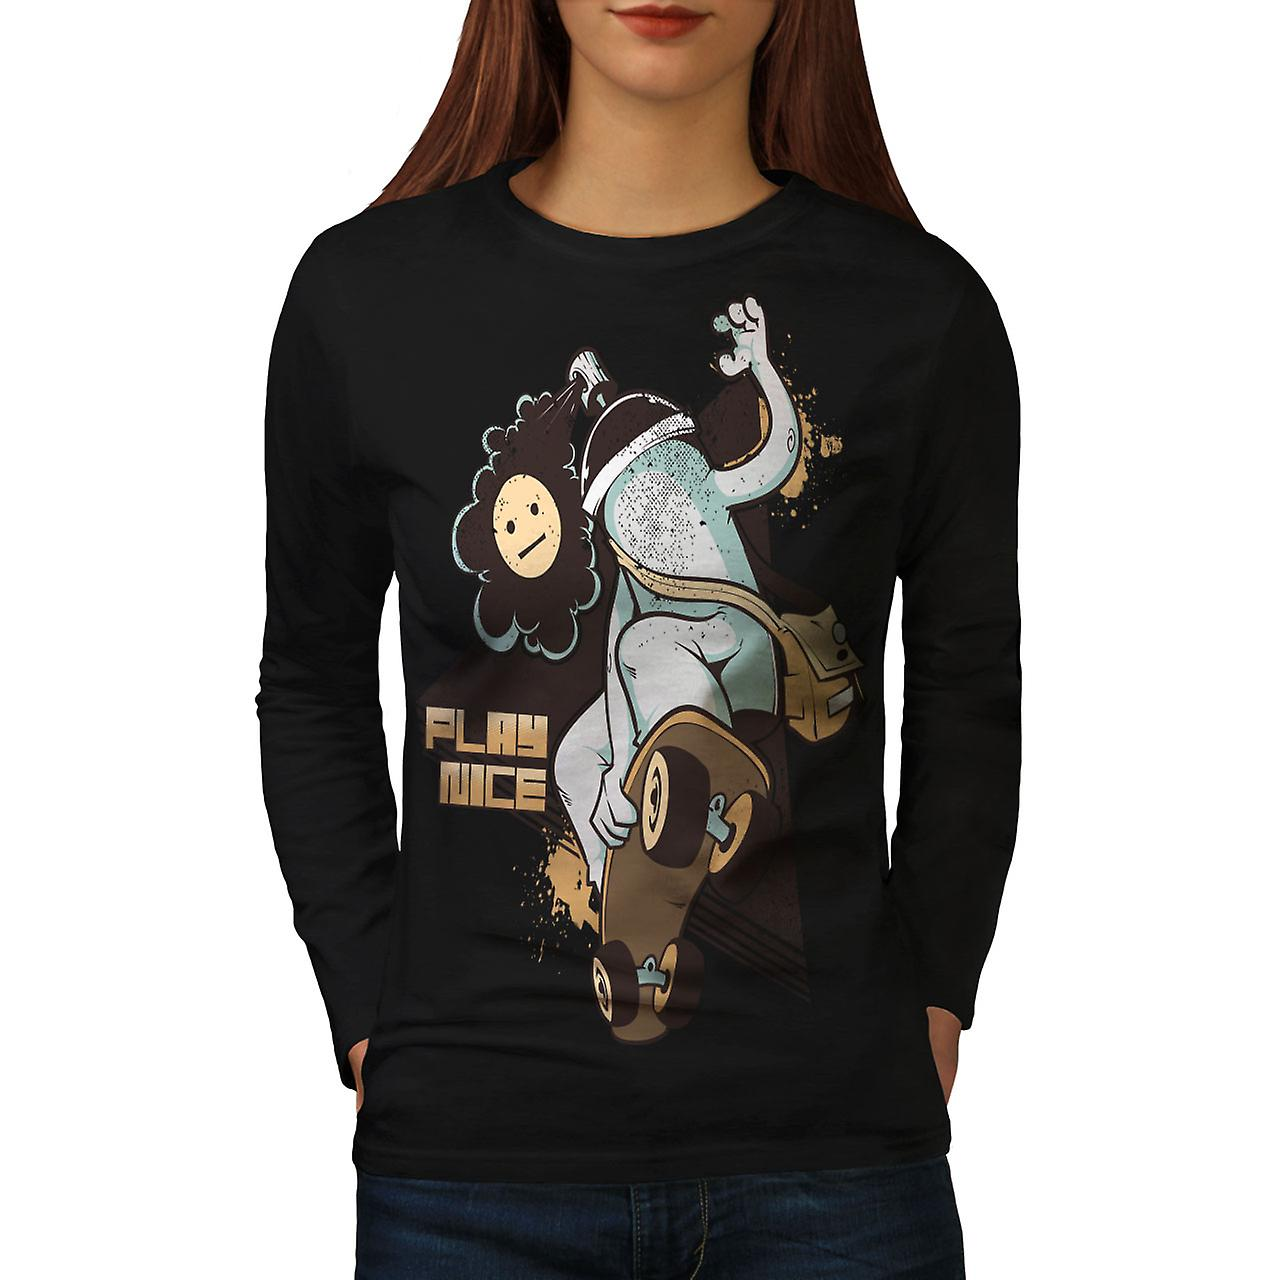 b365631170cb Spela fin Skate mode kvinnor BlackLong Långärmad T-shirt | Wellcoda ...